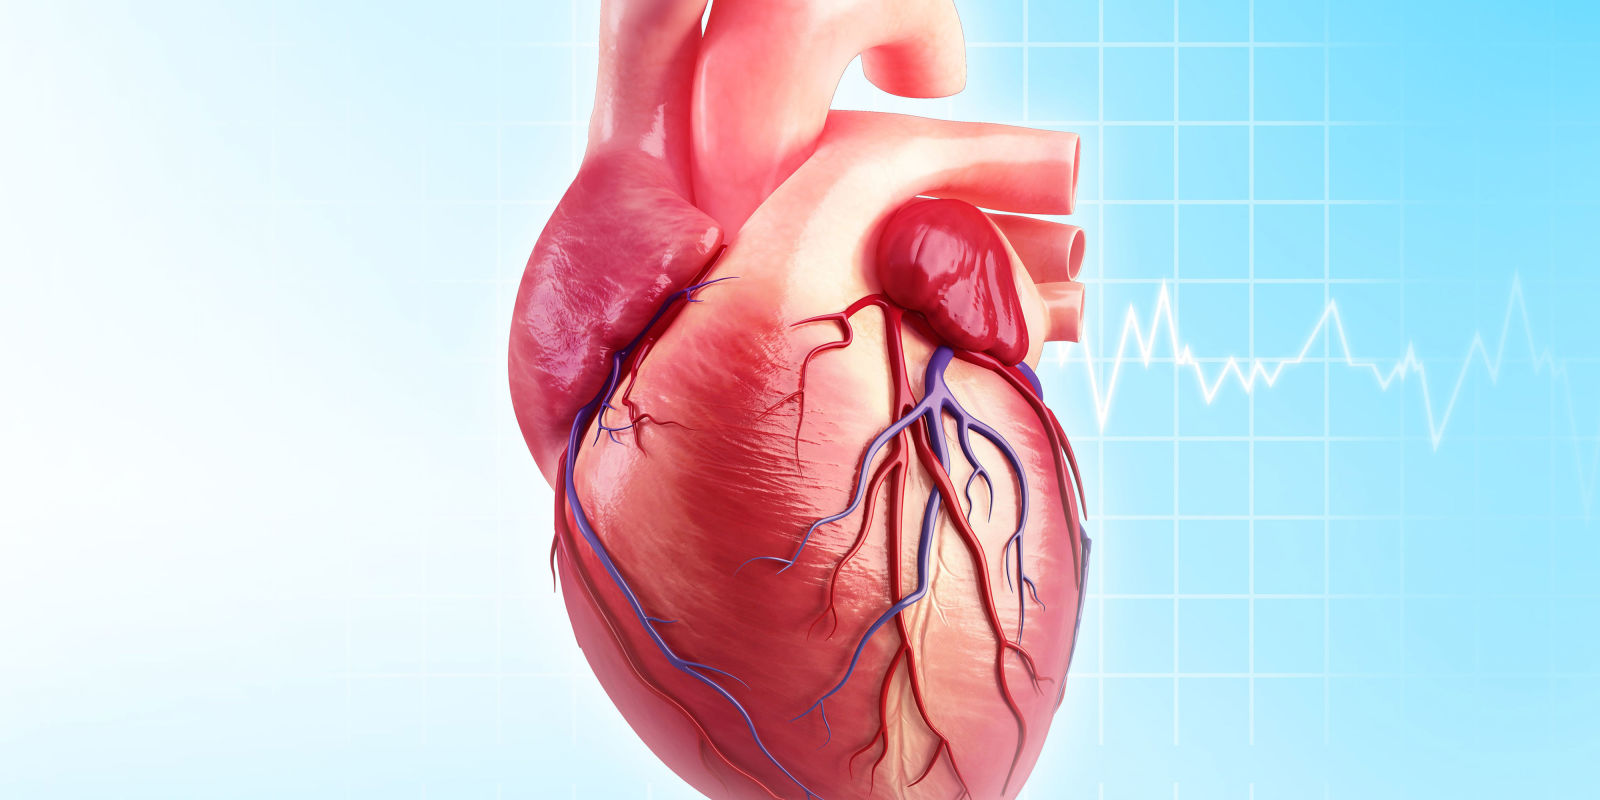 تصویر از همه آنچه که باید در مورد قلب بدانیم